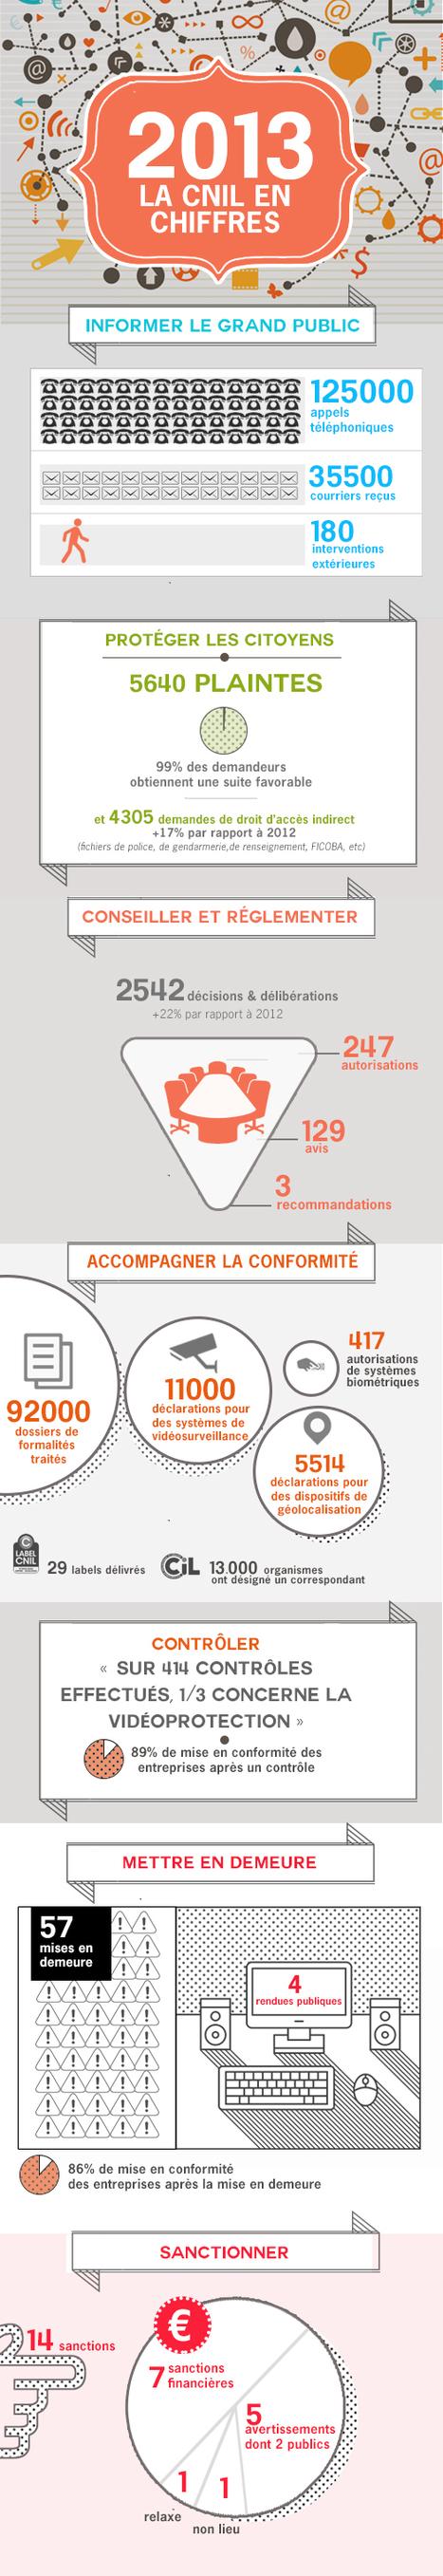 [Infographie] l'activité de la CNIL en 2013 - CNIL | Infographies divers et variées.... | Scoop.it